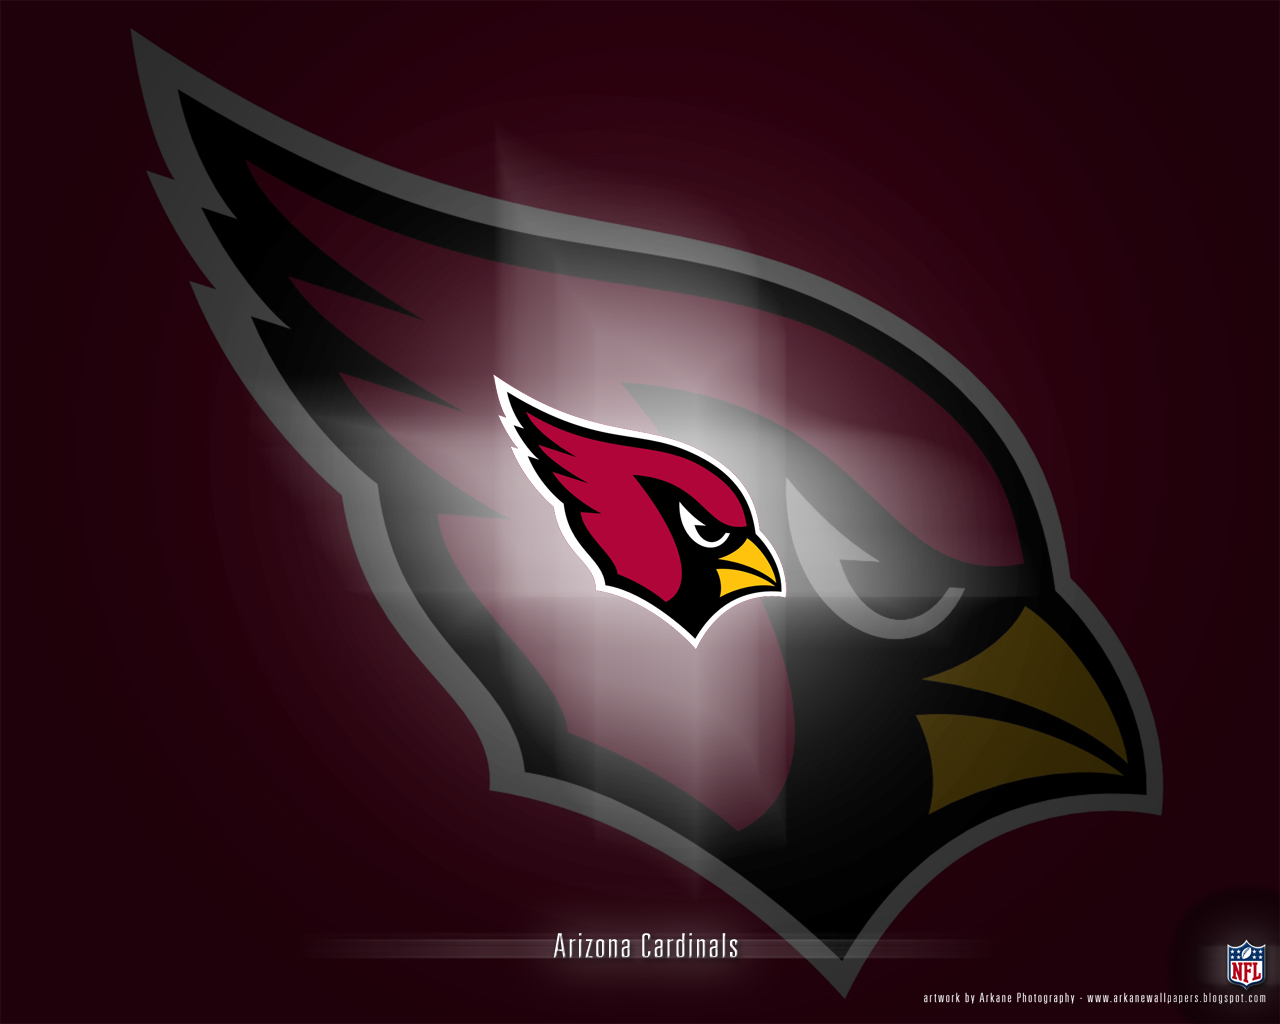 http://2.bp.blogspot.com/_JuYYGgmnUQU/SwRiOlUB2nI/AAAAAAAAAcY/Su7ulCIldQ0/s1600/Arizona+Cardinals.jpeg